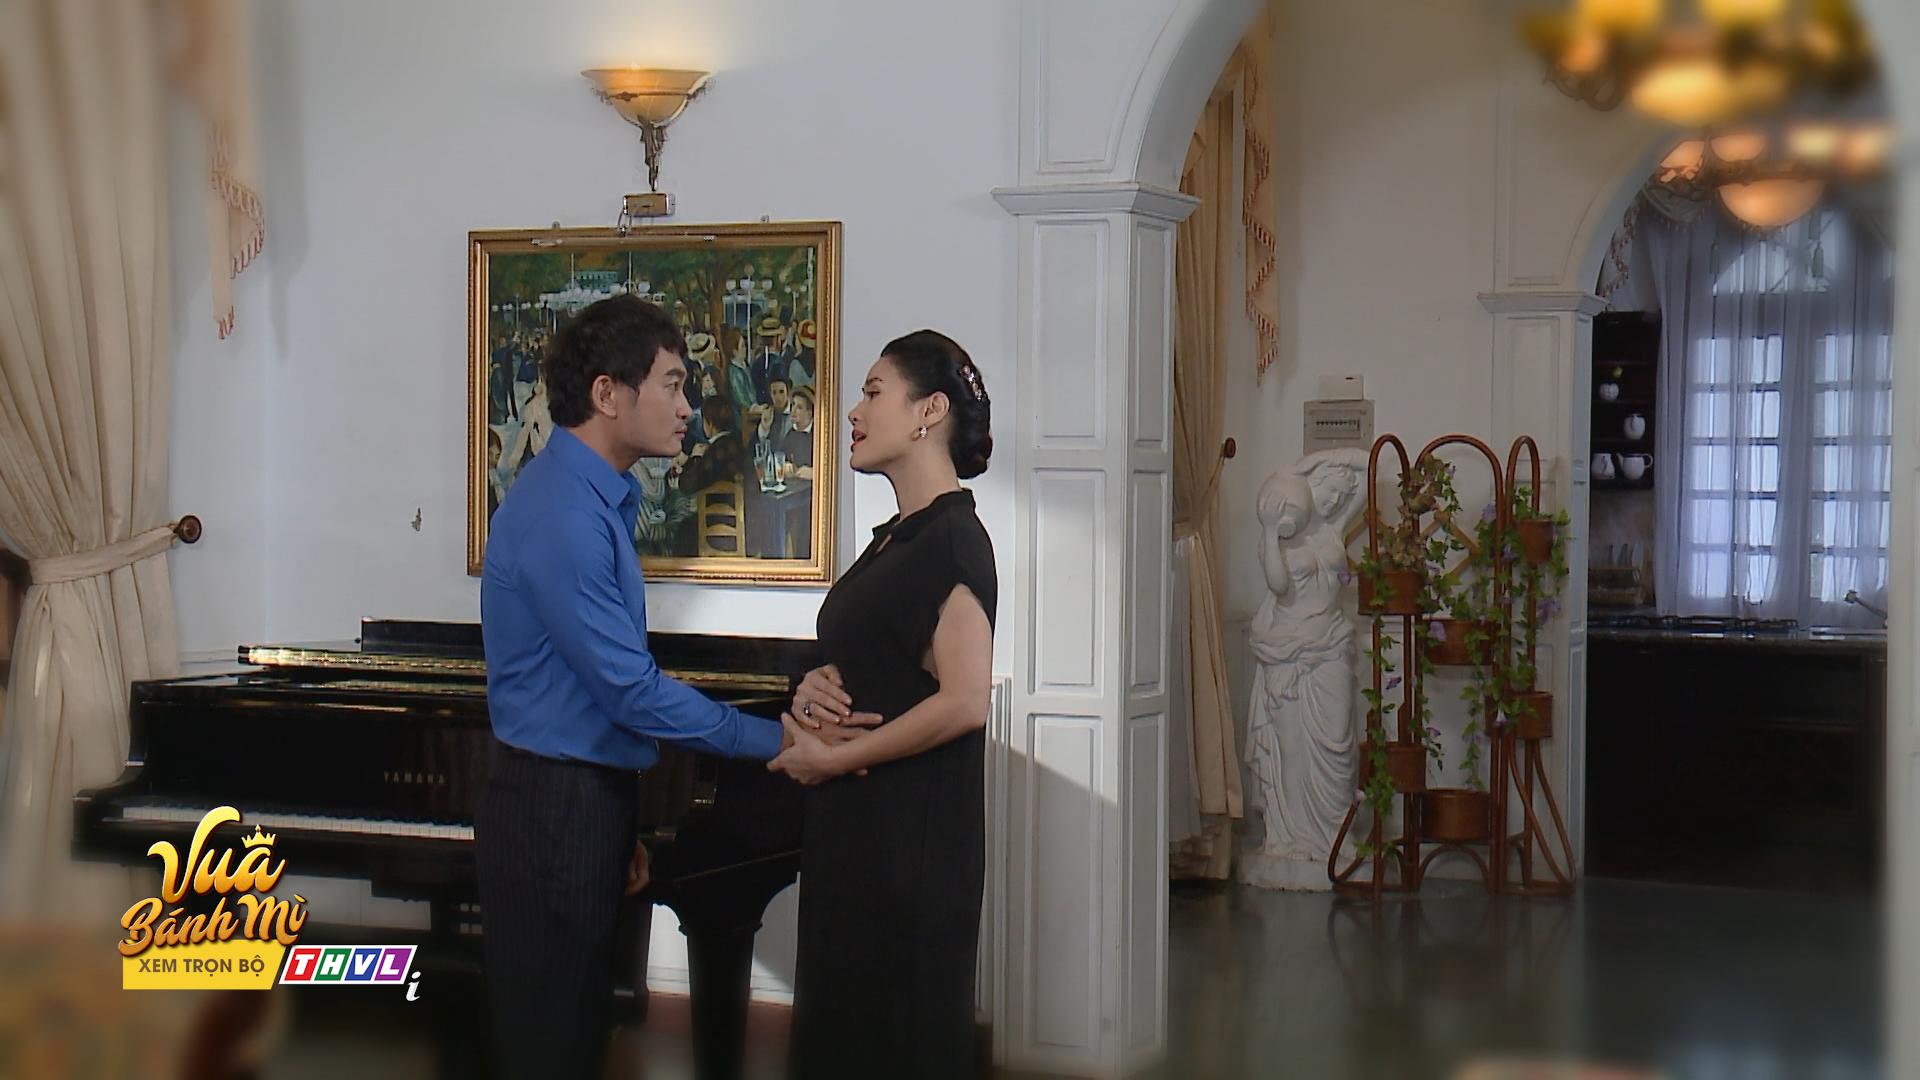 Nhật Kim Anh bị truy đuổi suýt không giữ được đứa con sơ sinh - Ảnh 1.